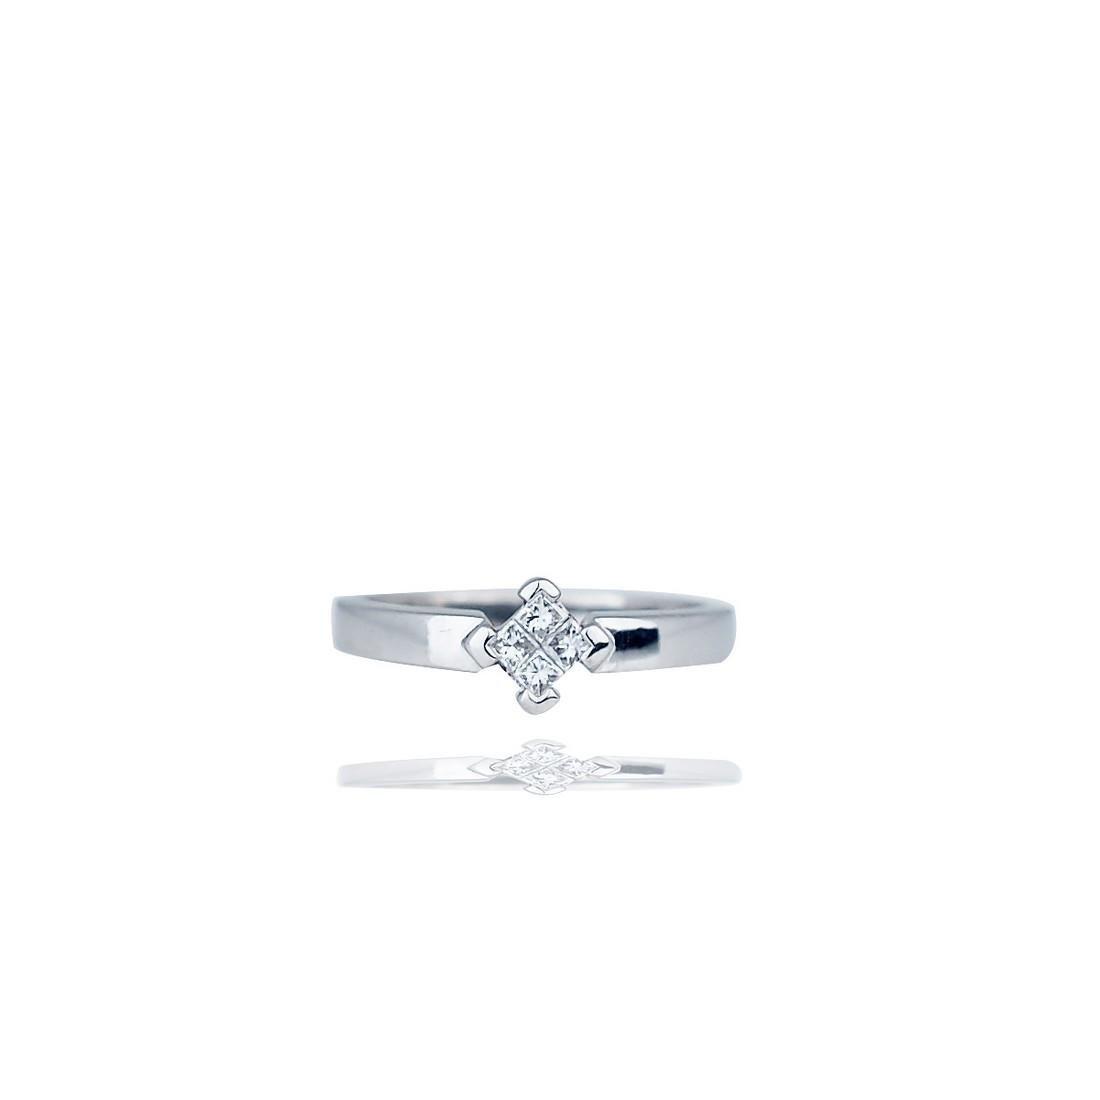 Invisible Diamond Princess Band Ring, 18Kt, ¼ Carat